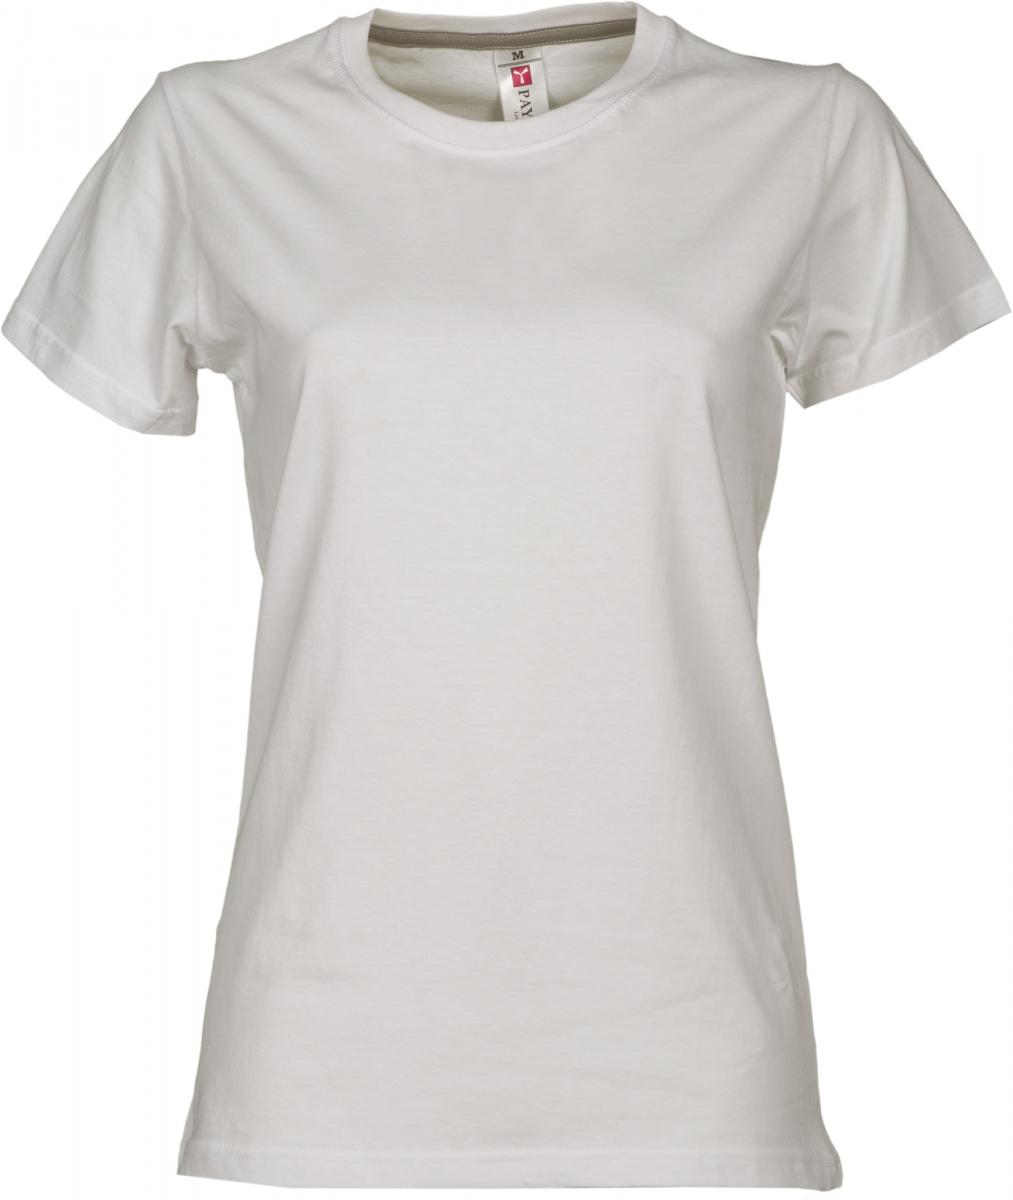 Dámské tričko PAYPER SUNRISE LADY bílá S - reklamní trička 1379300ca7